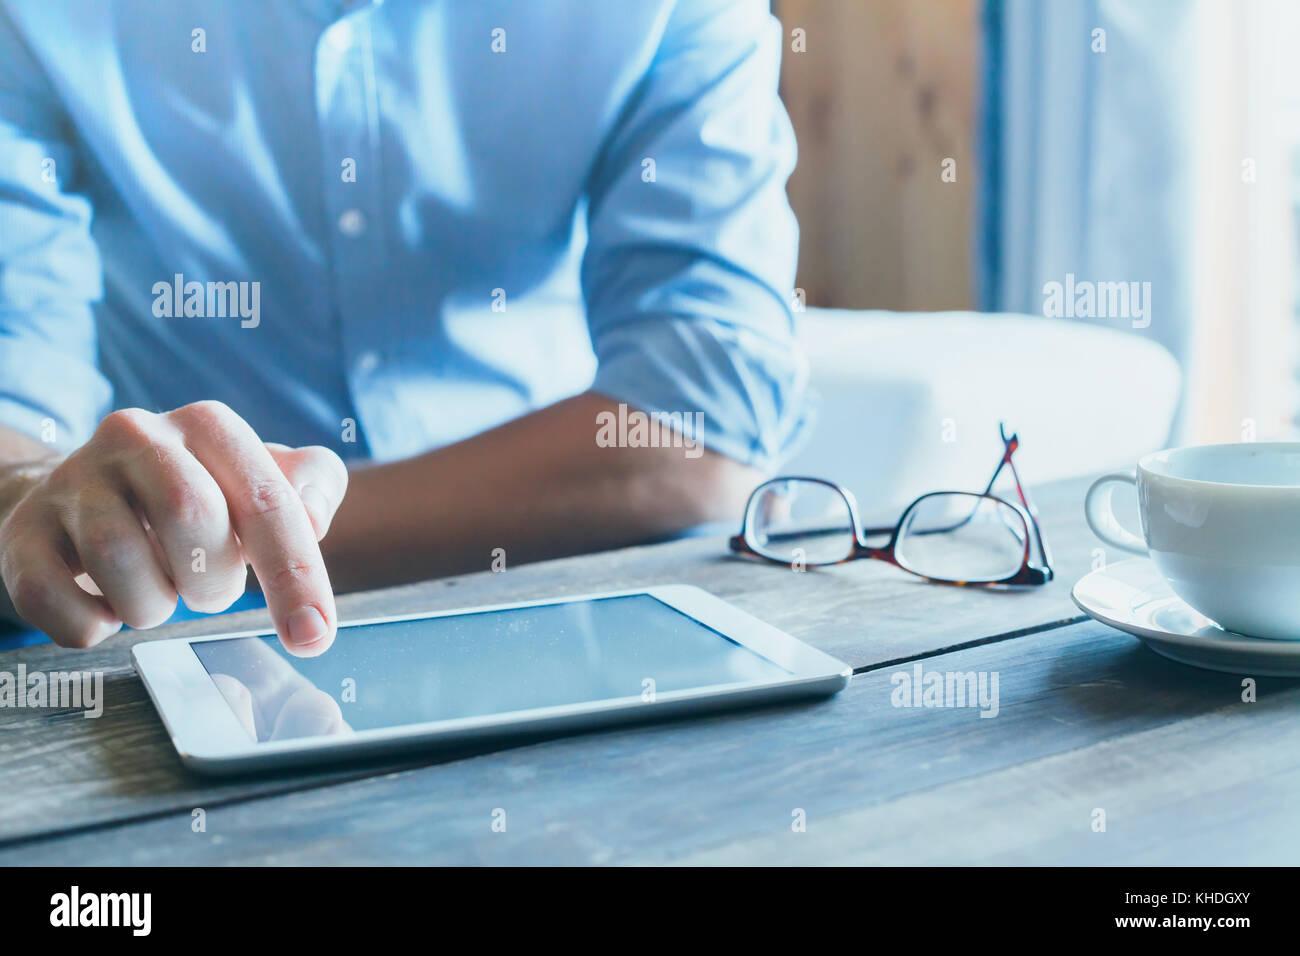 Uomo con tavoletta digitale computer, stretta di mano, business e tecnologia con uno sfondo con spazio di copia Immagini Stock